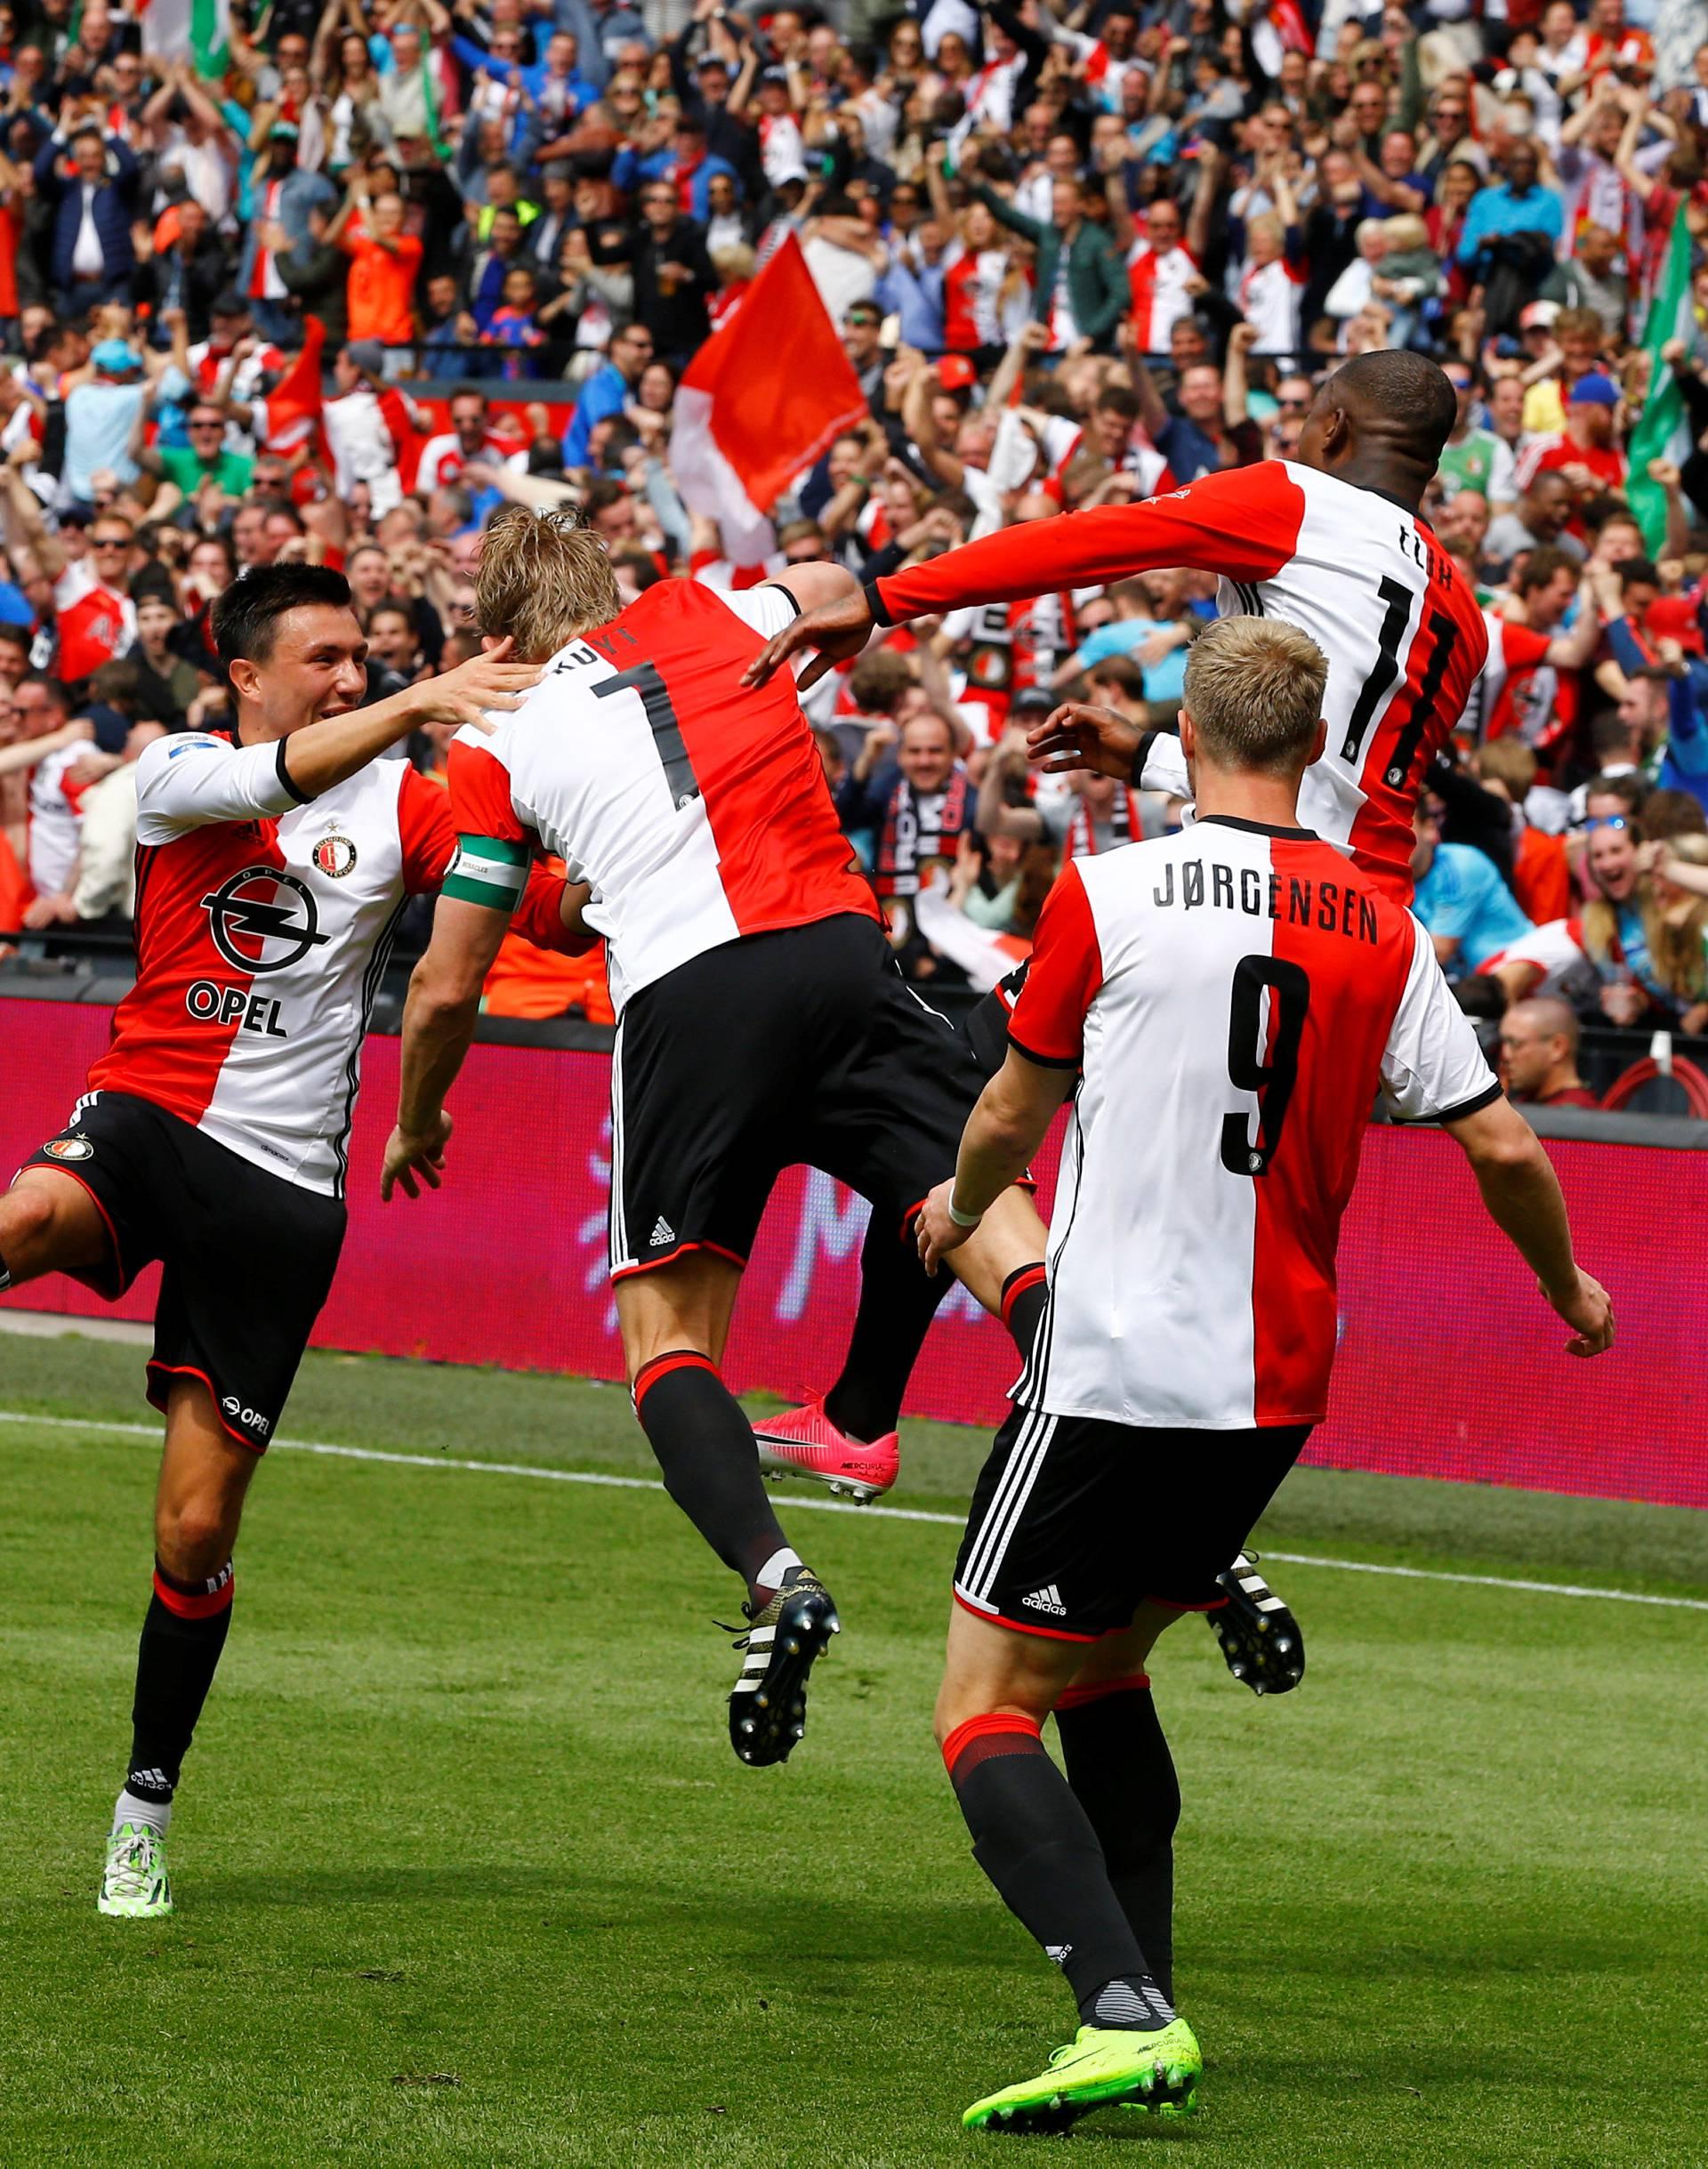 Feyenoord Rotterdam v Heracles Almelo - Dutch Eredivisie